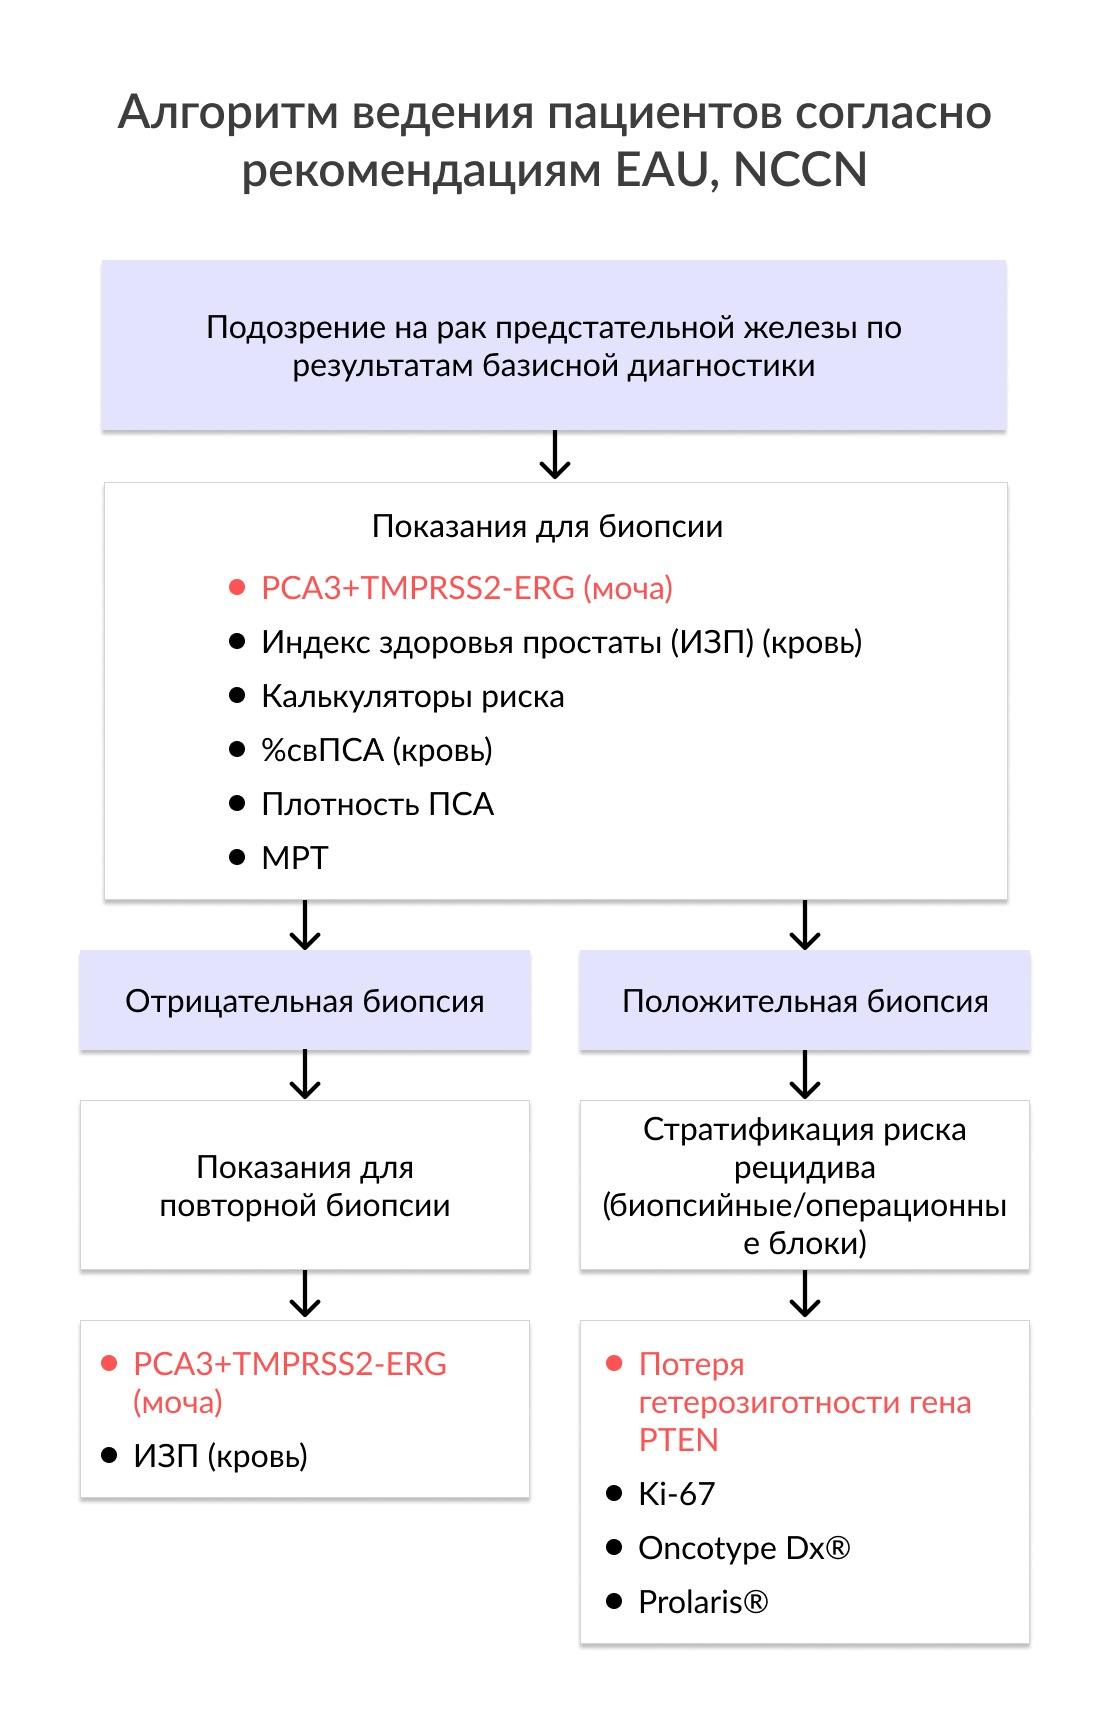 Алгоритм ведения пациентов согласно рекомендациям EAU, NCCN